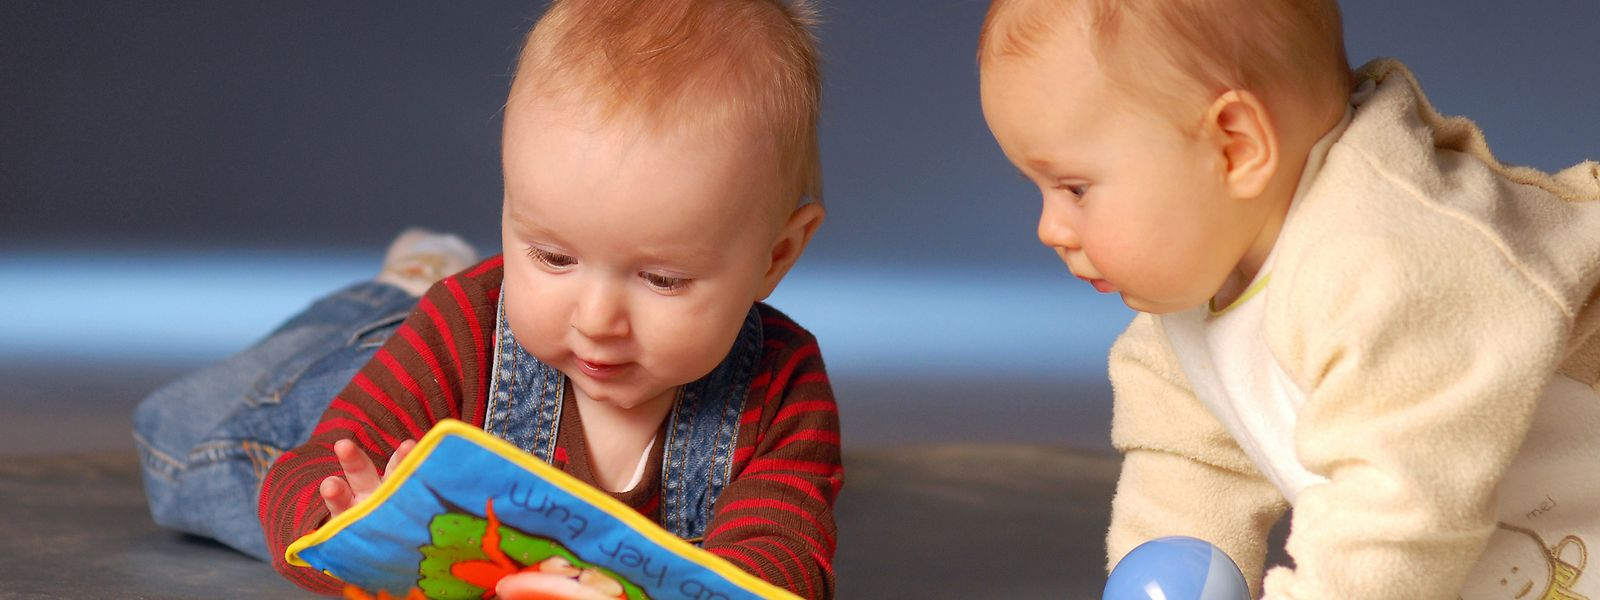 L'ensemble des bébés concernés par l'étude avaient des traces de plomb dans le sang. 100%!